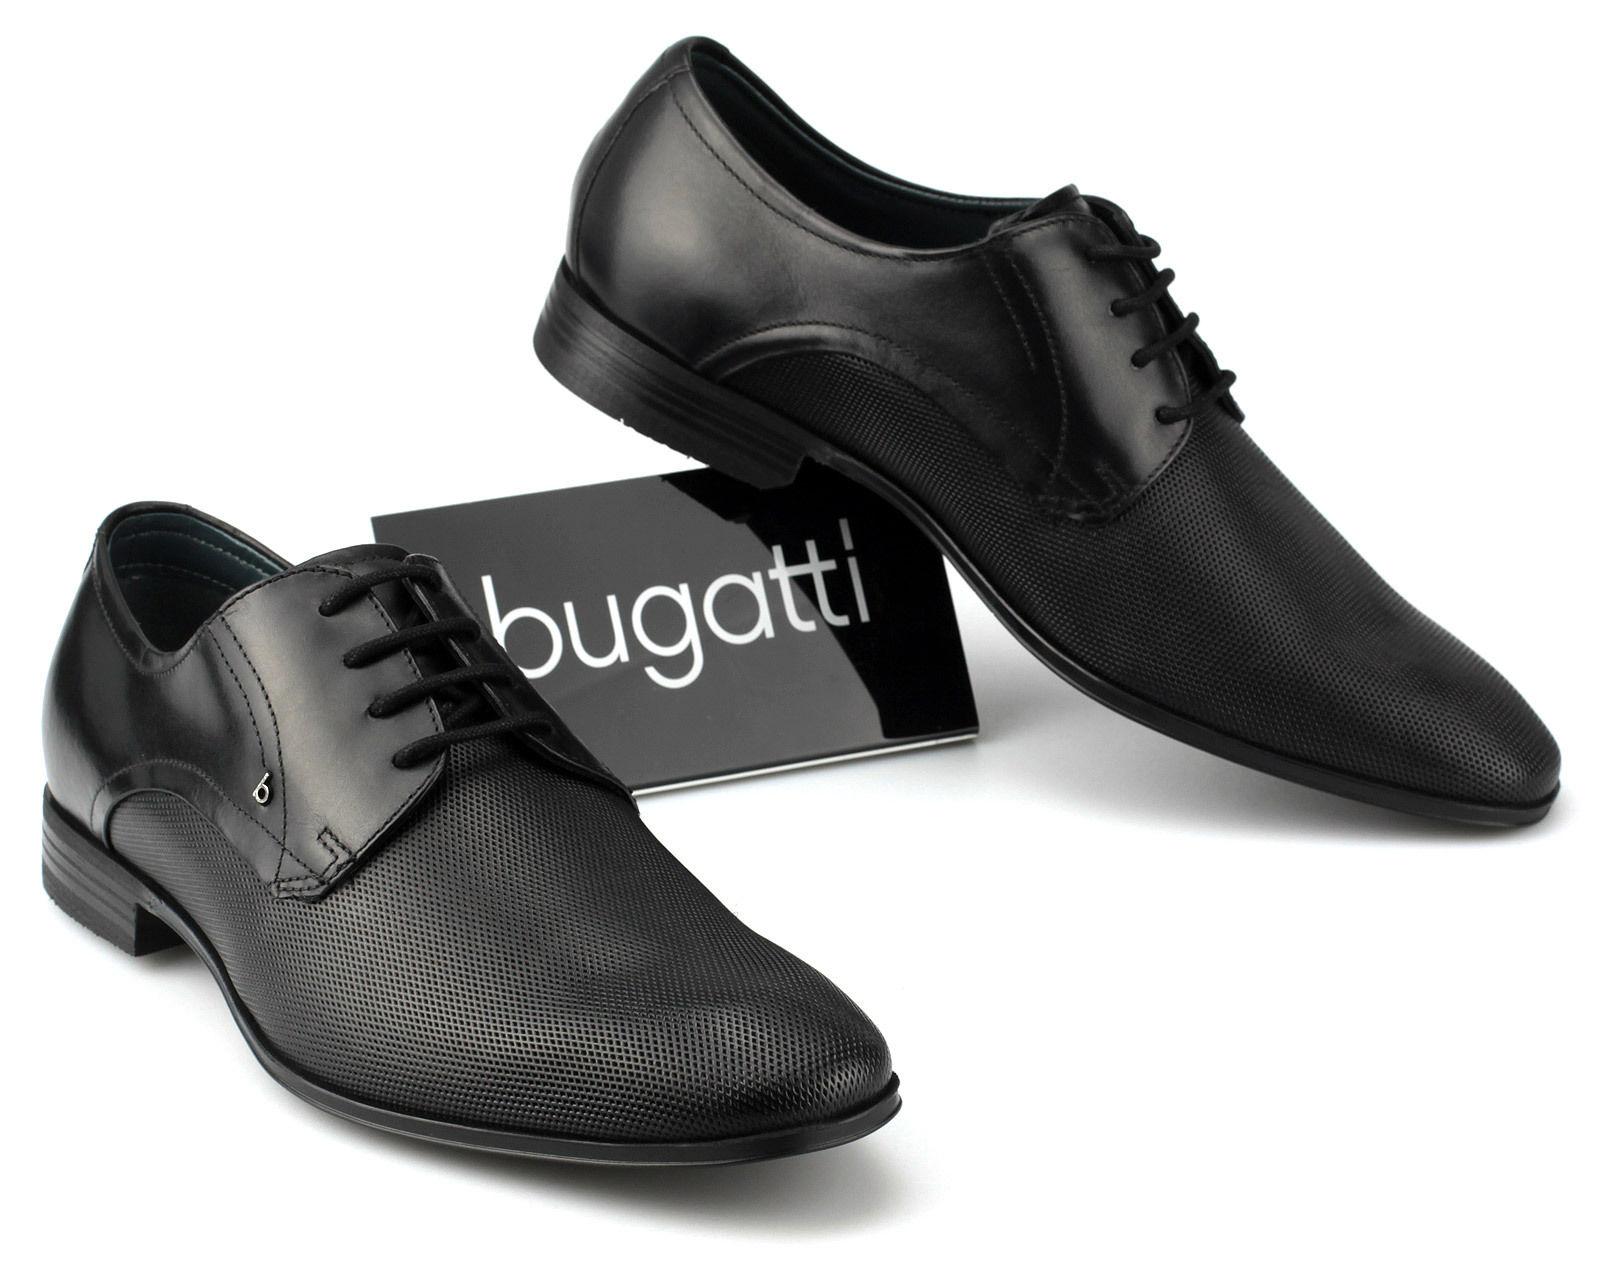 Schnürer Schwarz 48 Zu Bugatti Business Herren 47 Leder Halbschuhe rdxoBWCeQ